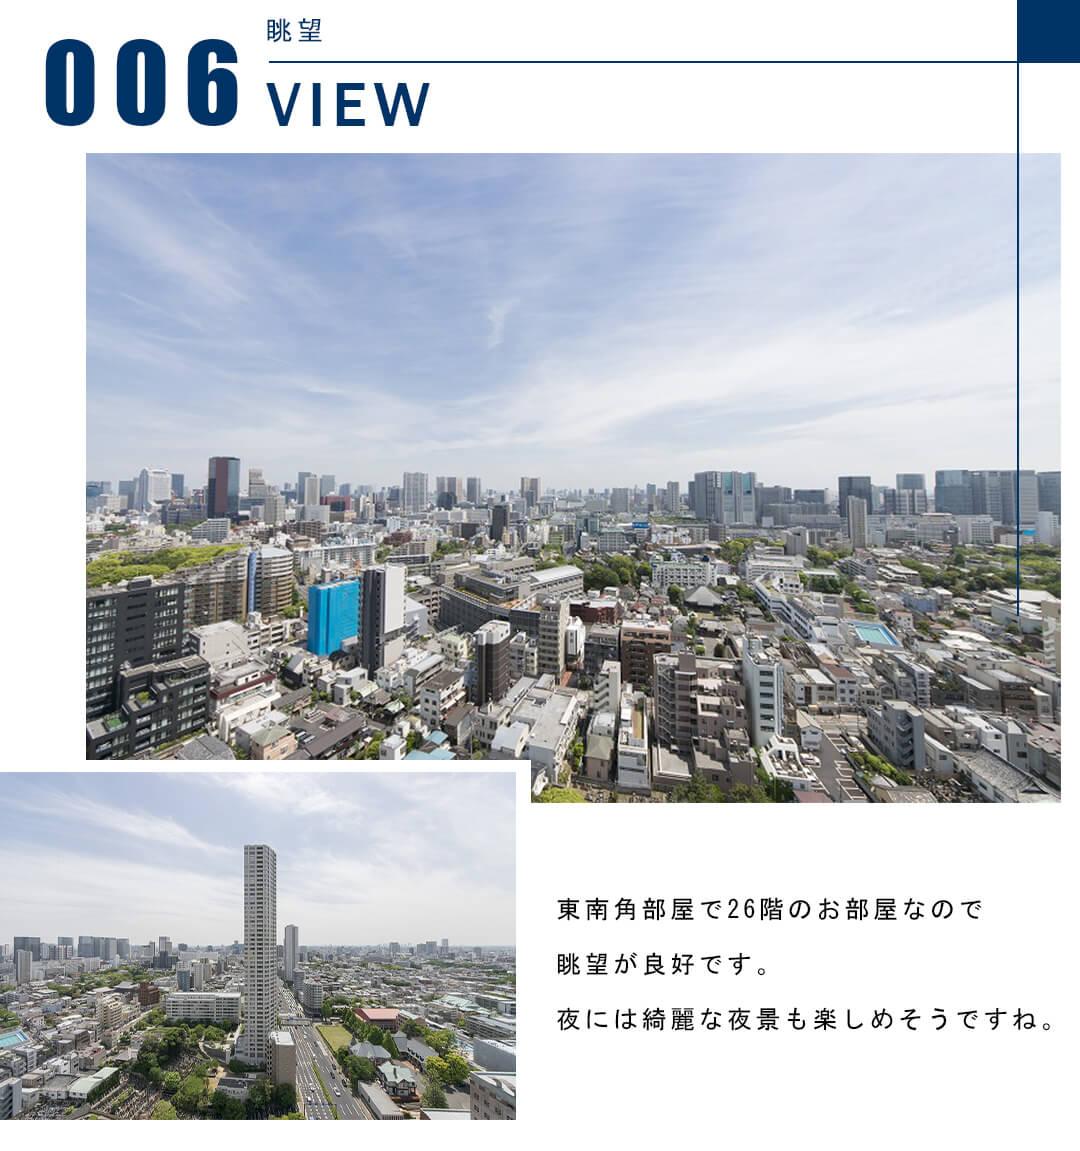 006眺望,VIEW